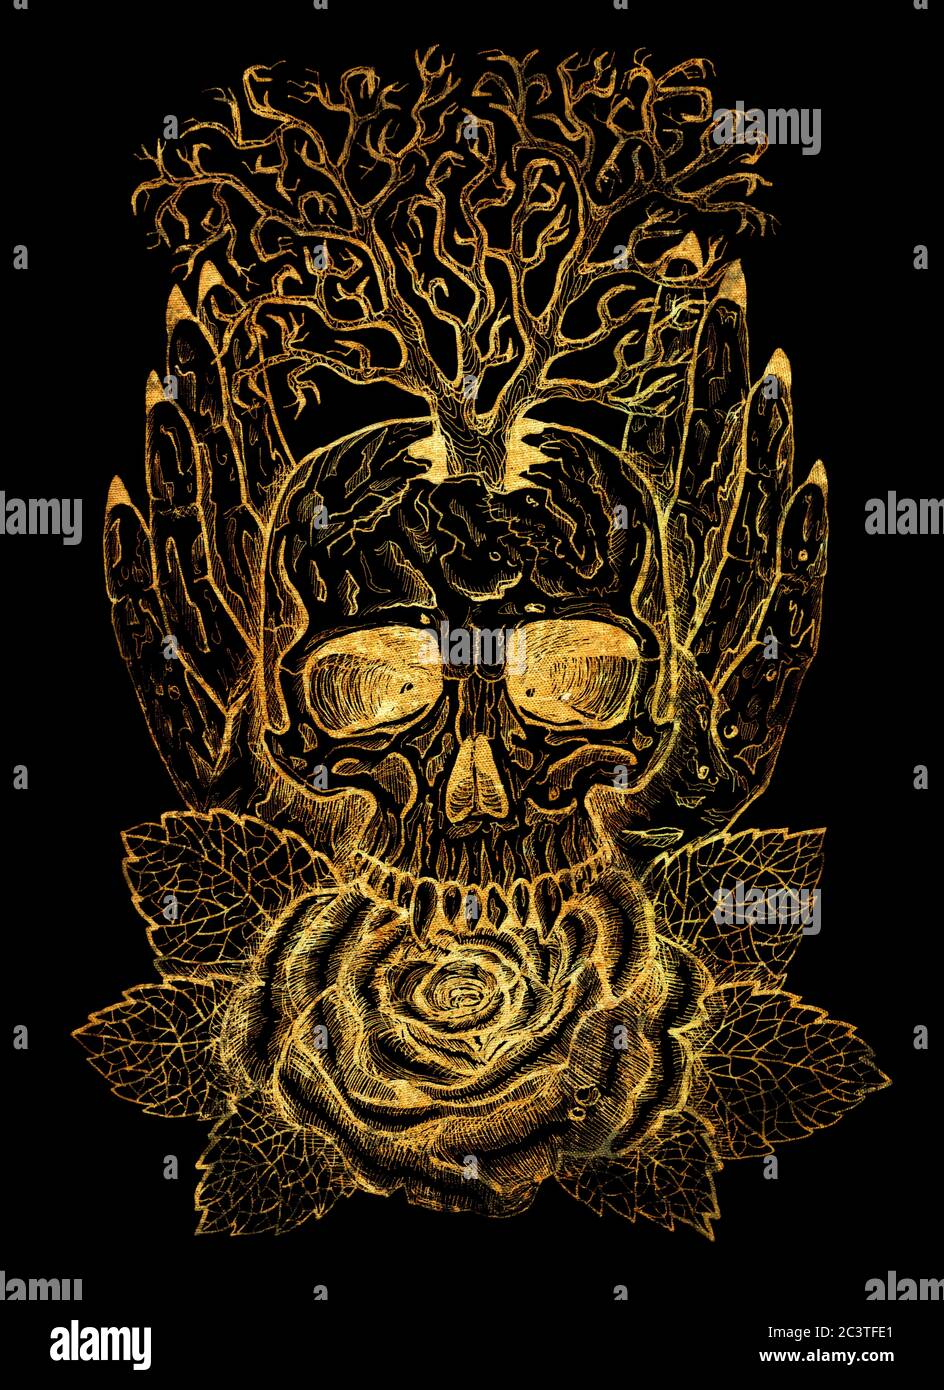 Goldenes Emblem mit Totenkopf, menschlichen Händen, Baum und Rose. Esoterische, okkulte und gotische Illustration mit Symbolen des Todes, Halloween mystischer Hintergrund, eng Stockfoto